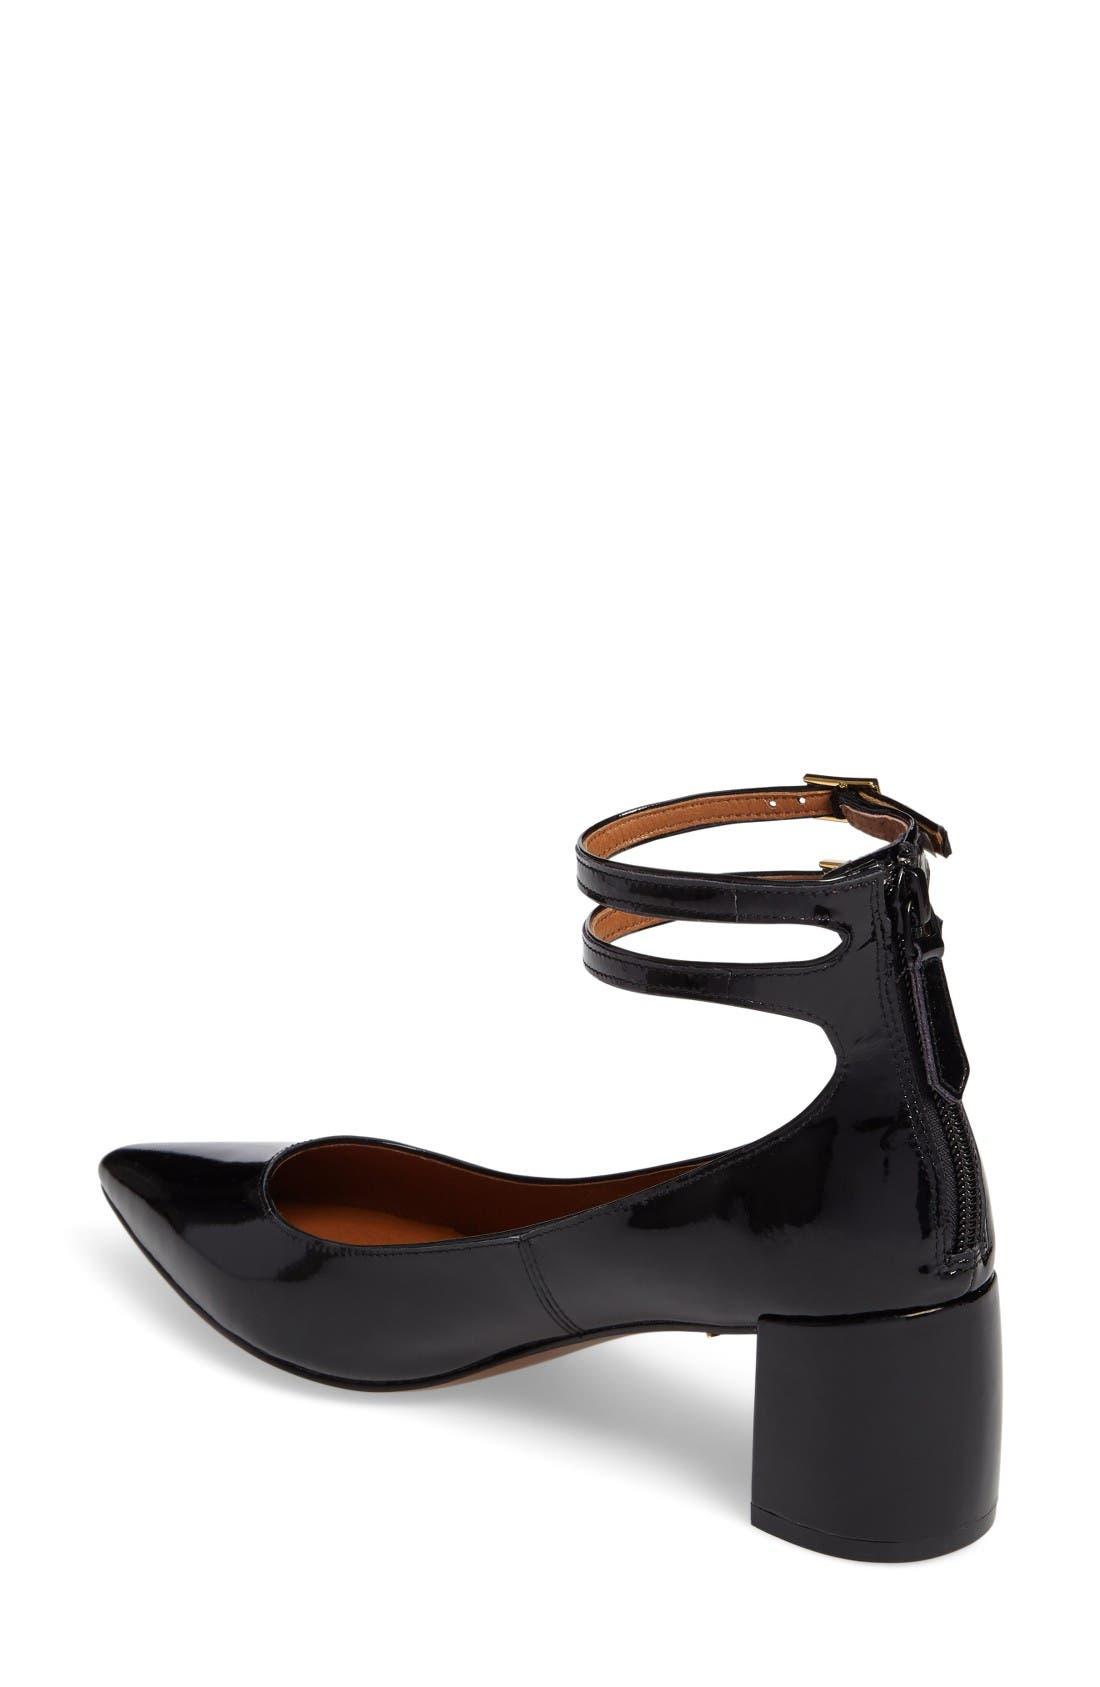 Alternate Image 2  - Linea Paolo 'Noel' Pointy Toe Ankle Strap Pump (Women)